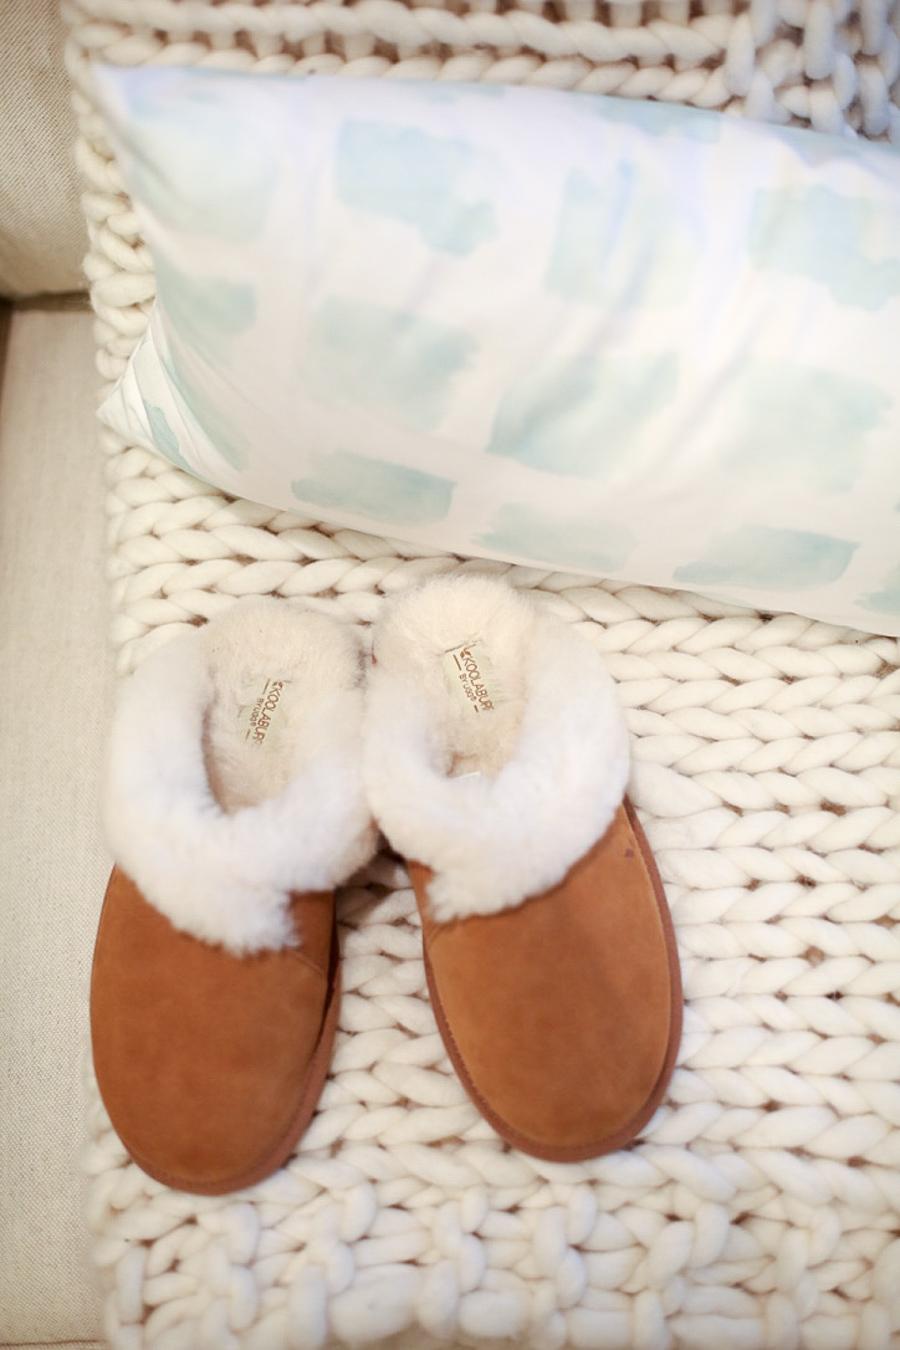 koolaburra by ugg slippers